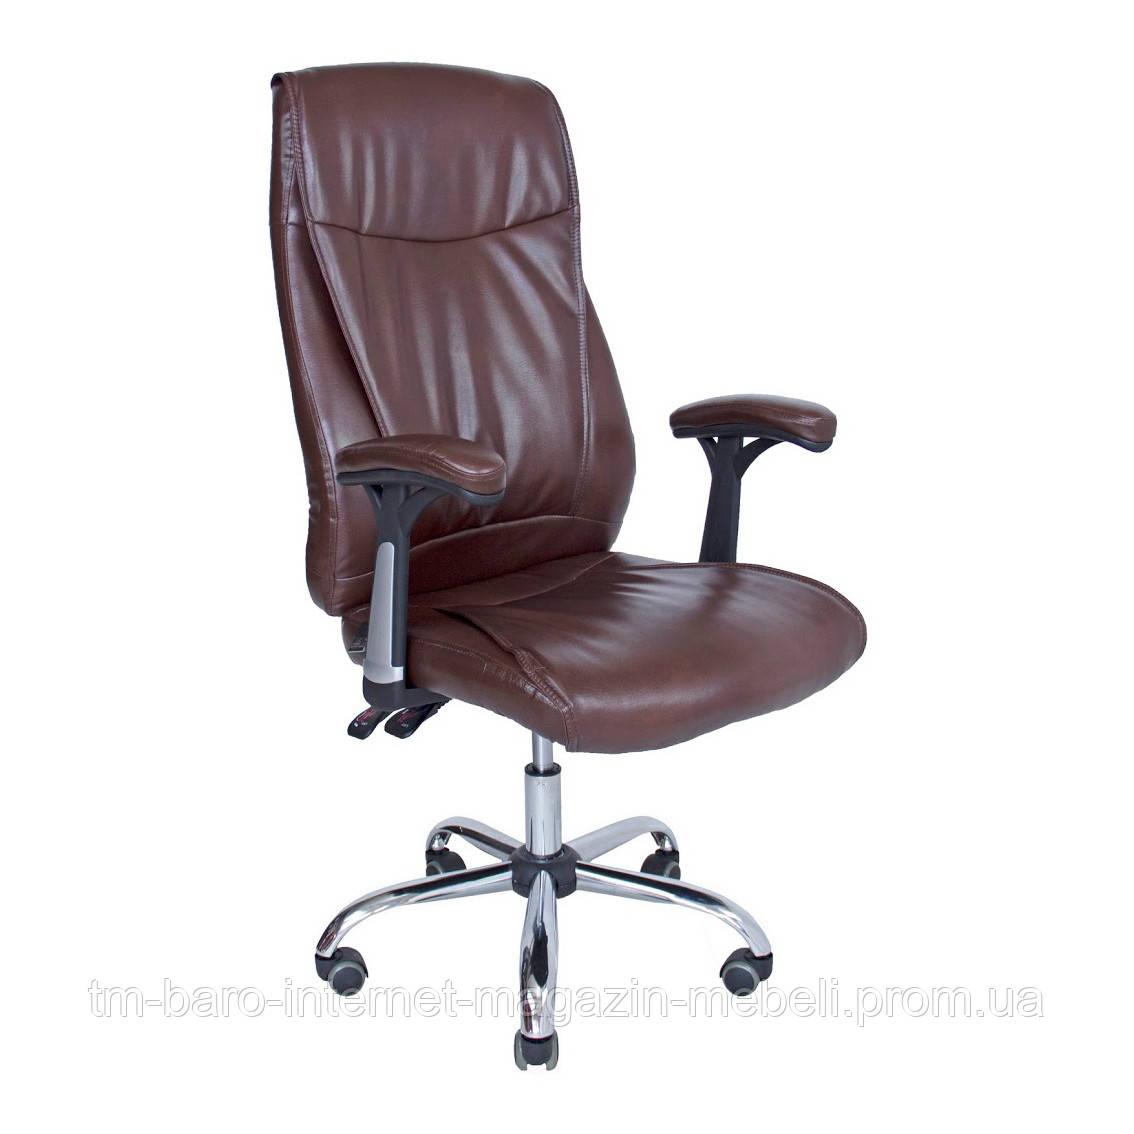 Кресло Альваро темно-коричневый, Richman